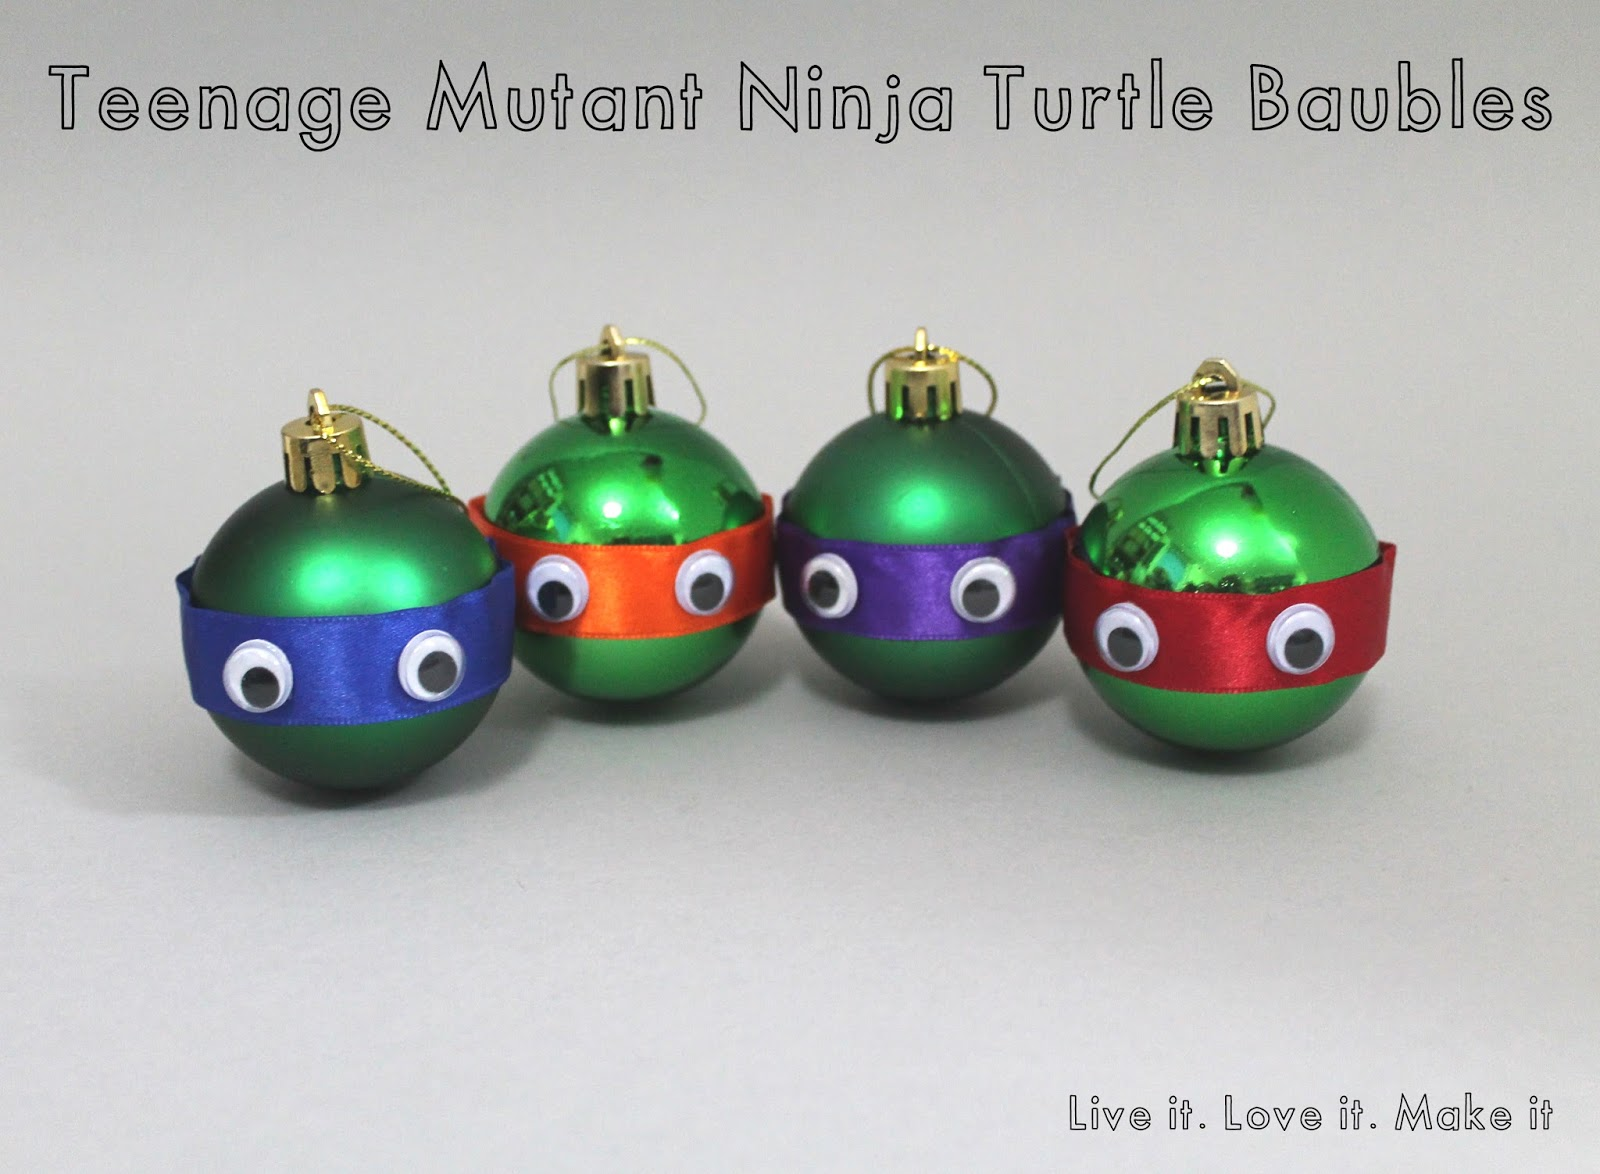 Ninja Turtle Christmas Tree.Live It Love It Make It Make It Teenage Mutant Ninja